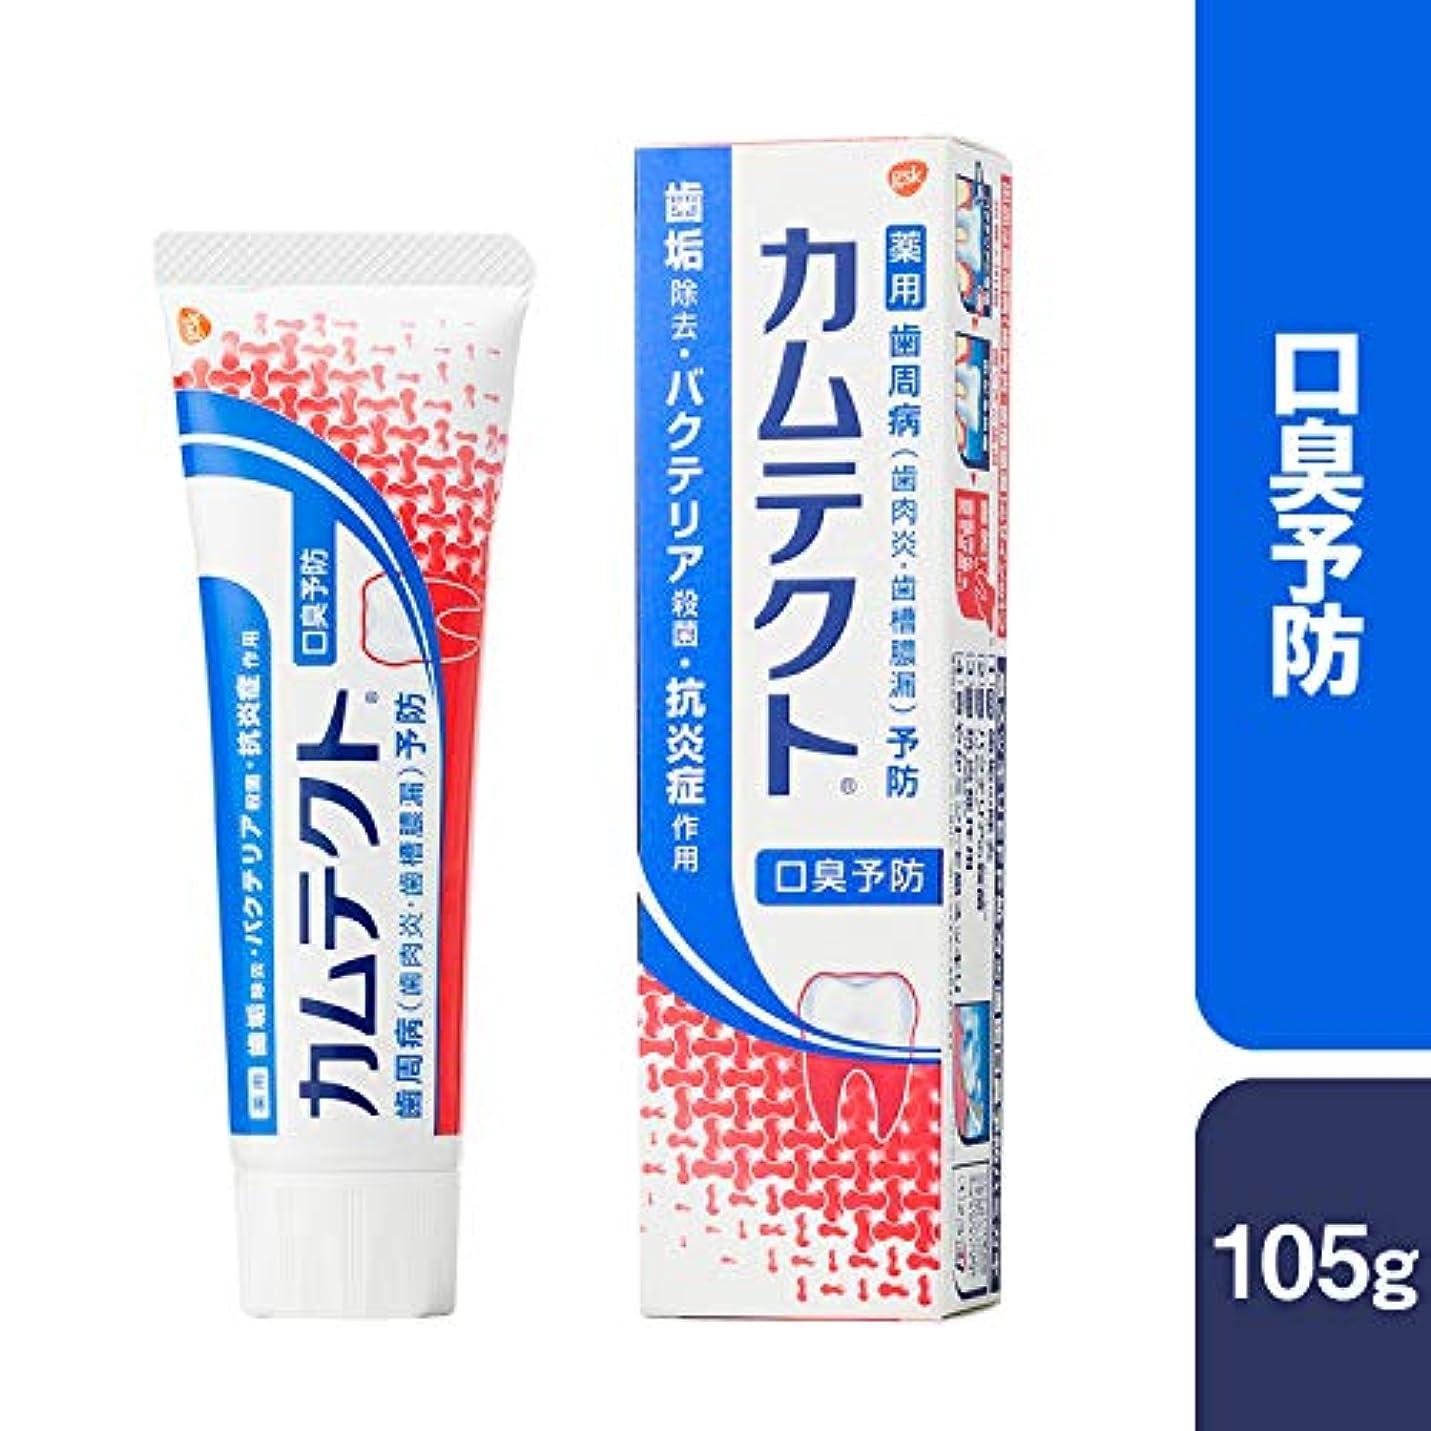 帽子乳白乳剤[医薬部外品]カムテクト 口臭予防 歯周病(歯肉炎?歯槽膿漏) 予防 歯みがき粉 105g